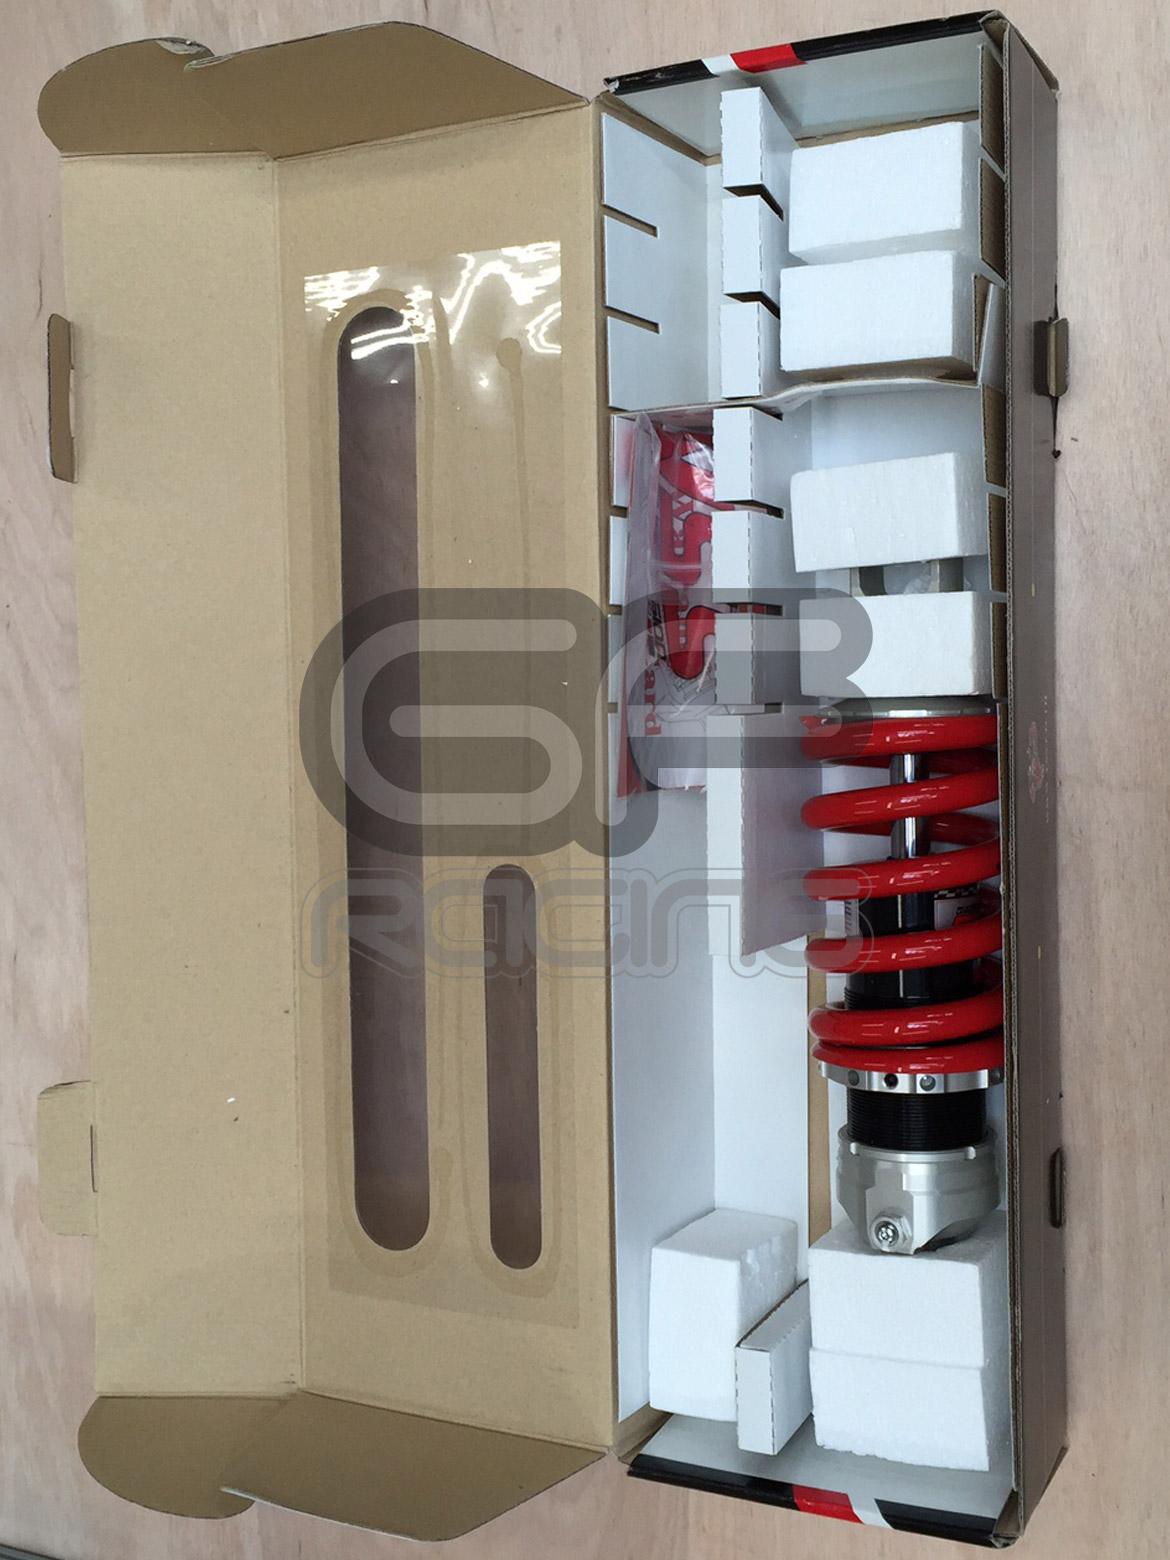 YSS Mono shock Z Series Rear Shock Absorber